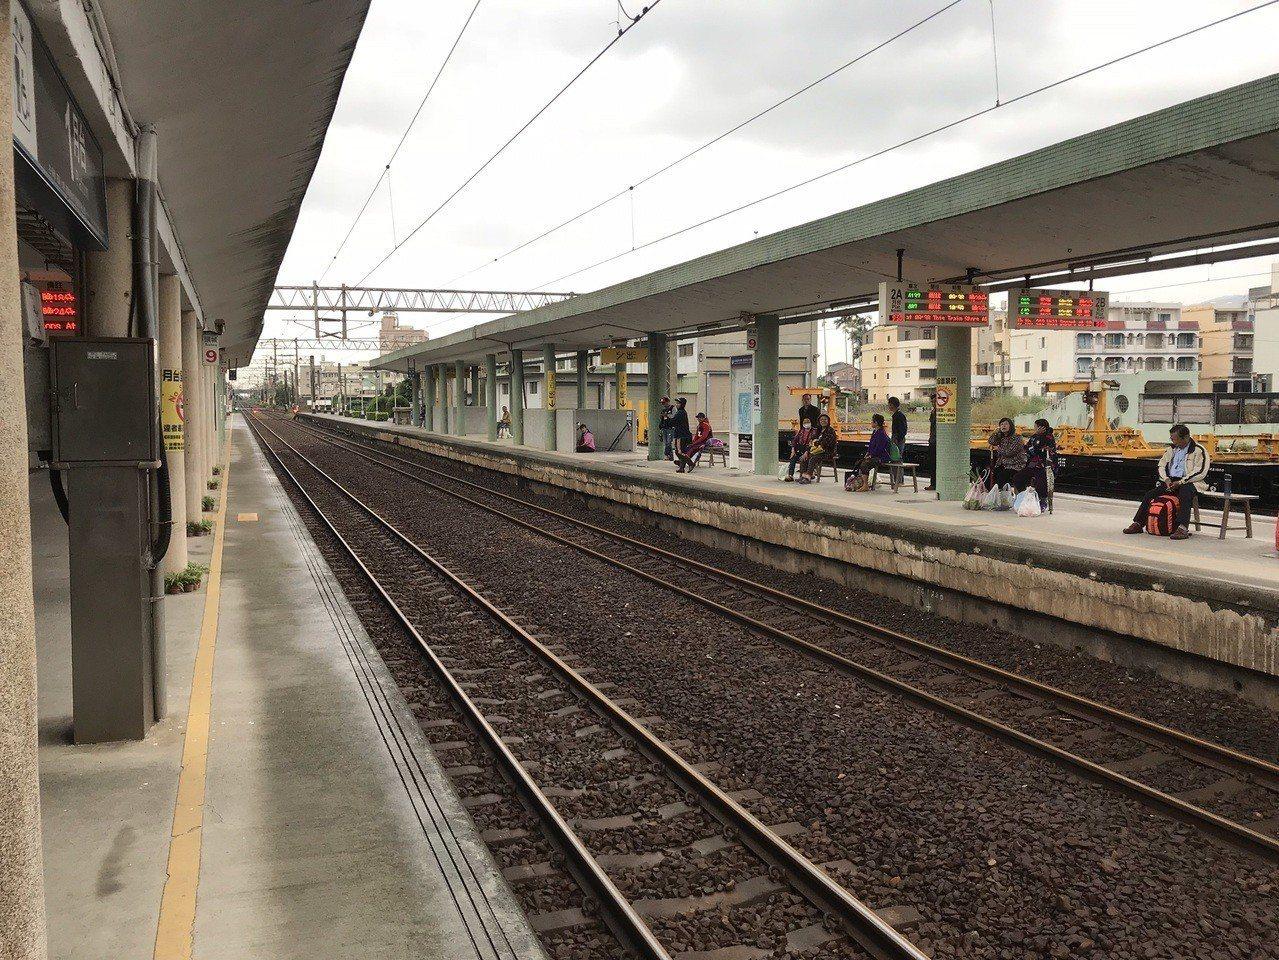 宜蘭運務段表示,頭城上行號誌在清晨4點40分至7點30分故障,5列次班車共延誤6...